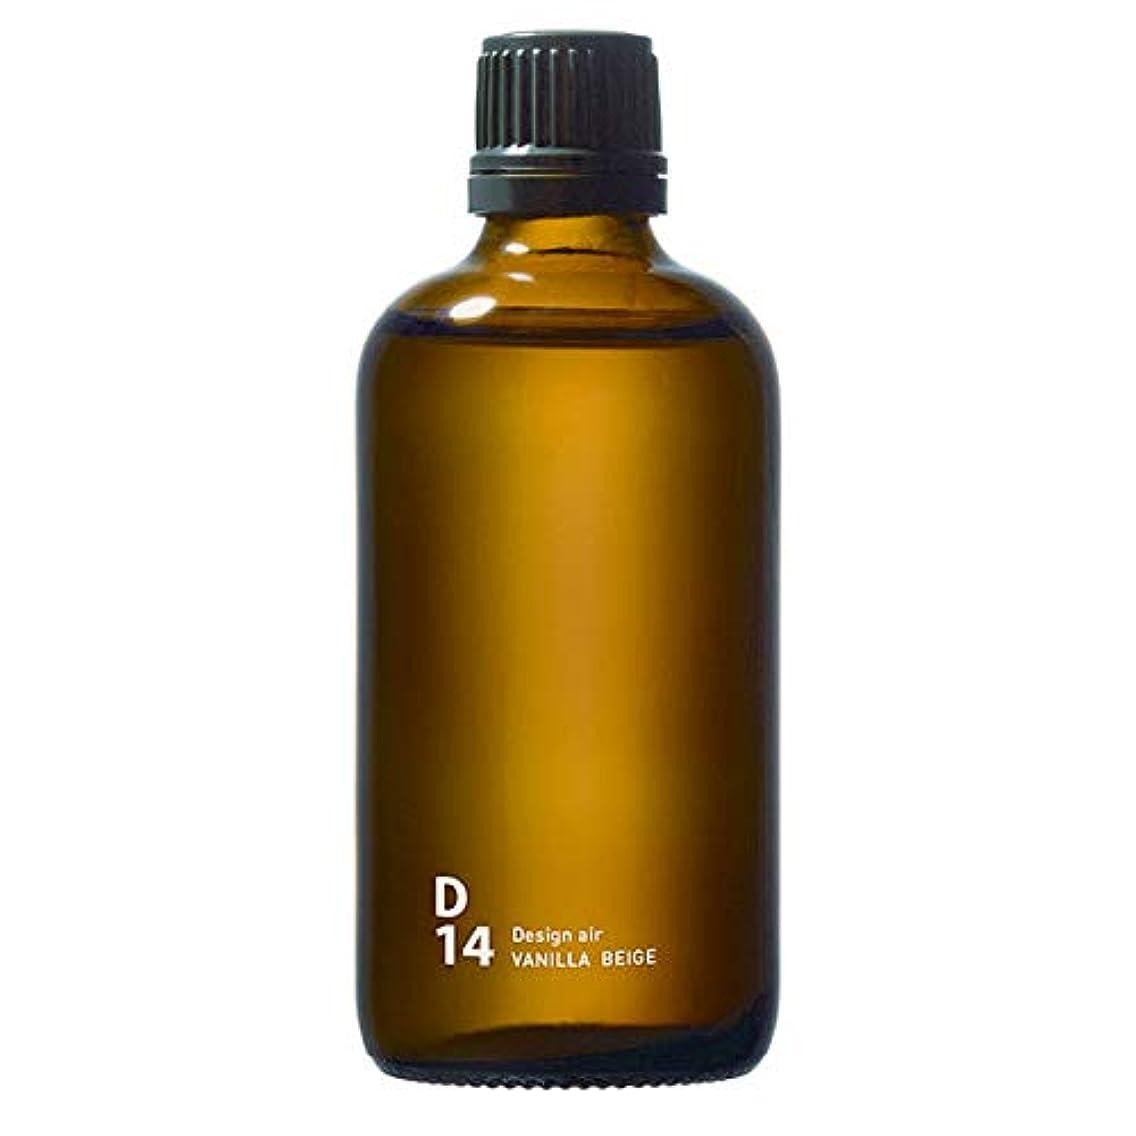 D14 VANILLA BEIGE piezo aroma oil 100ml